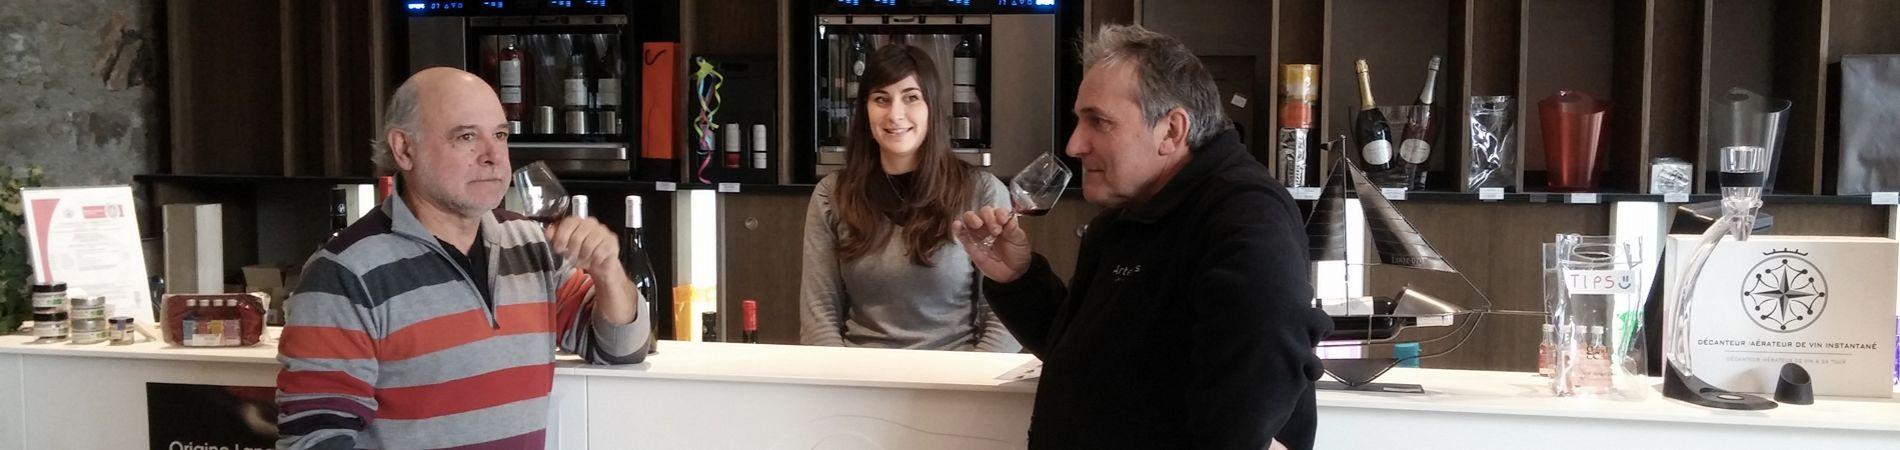 Déguster les vins du Grand Cellier